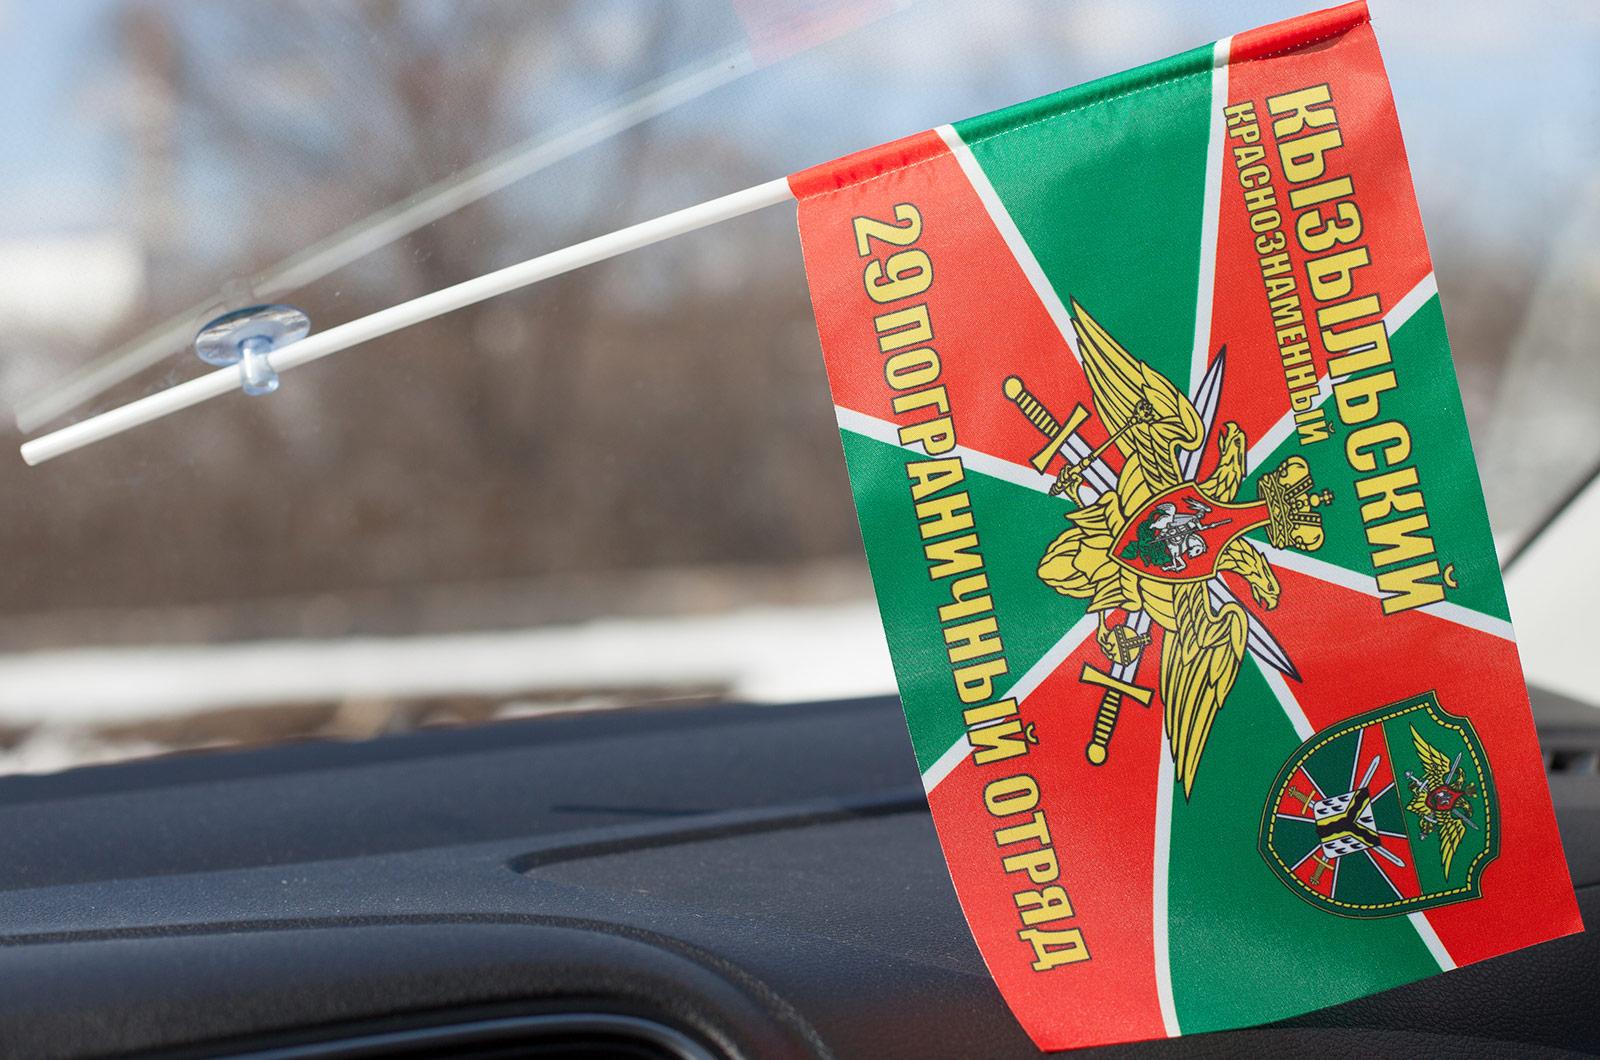 Купить флажки в машину «Кызыльский ПогО»